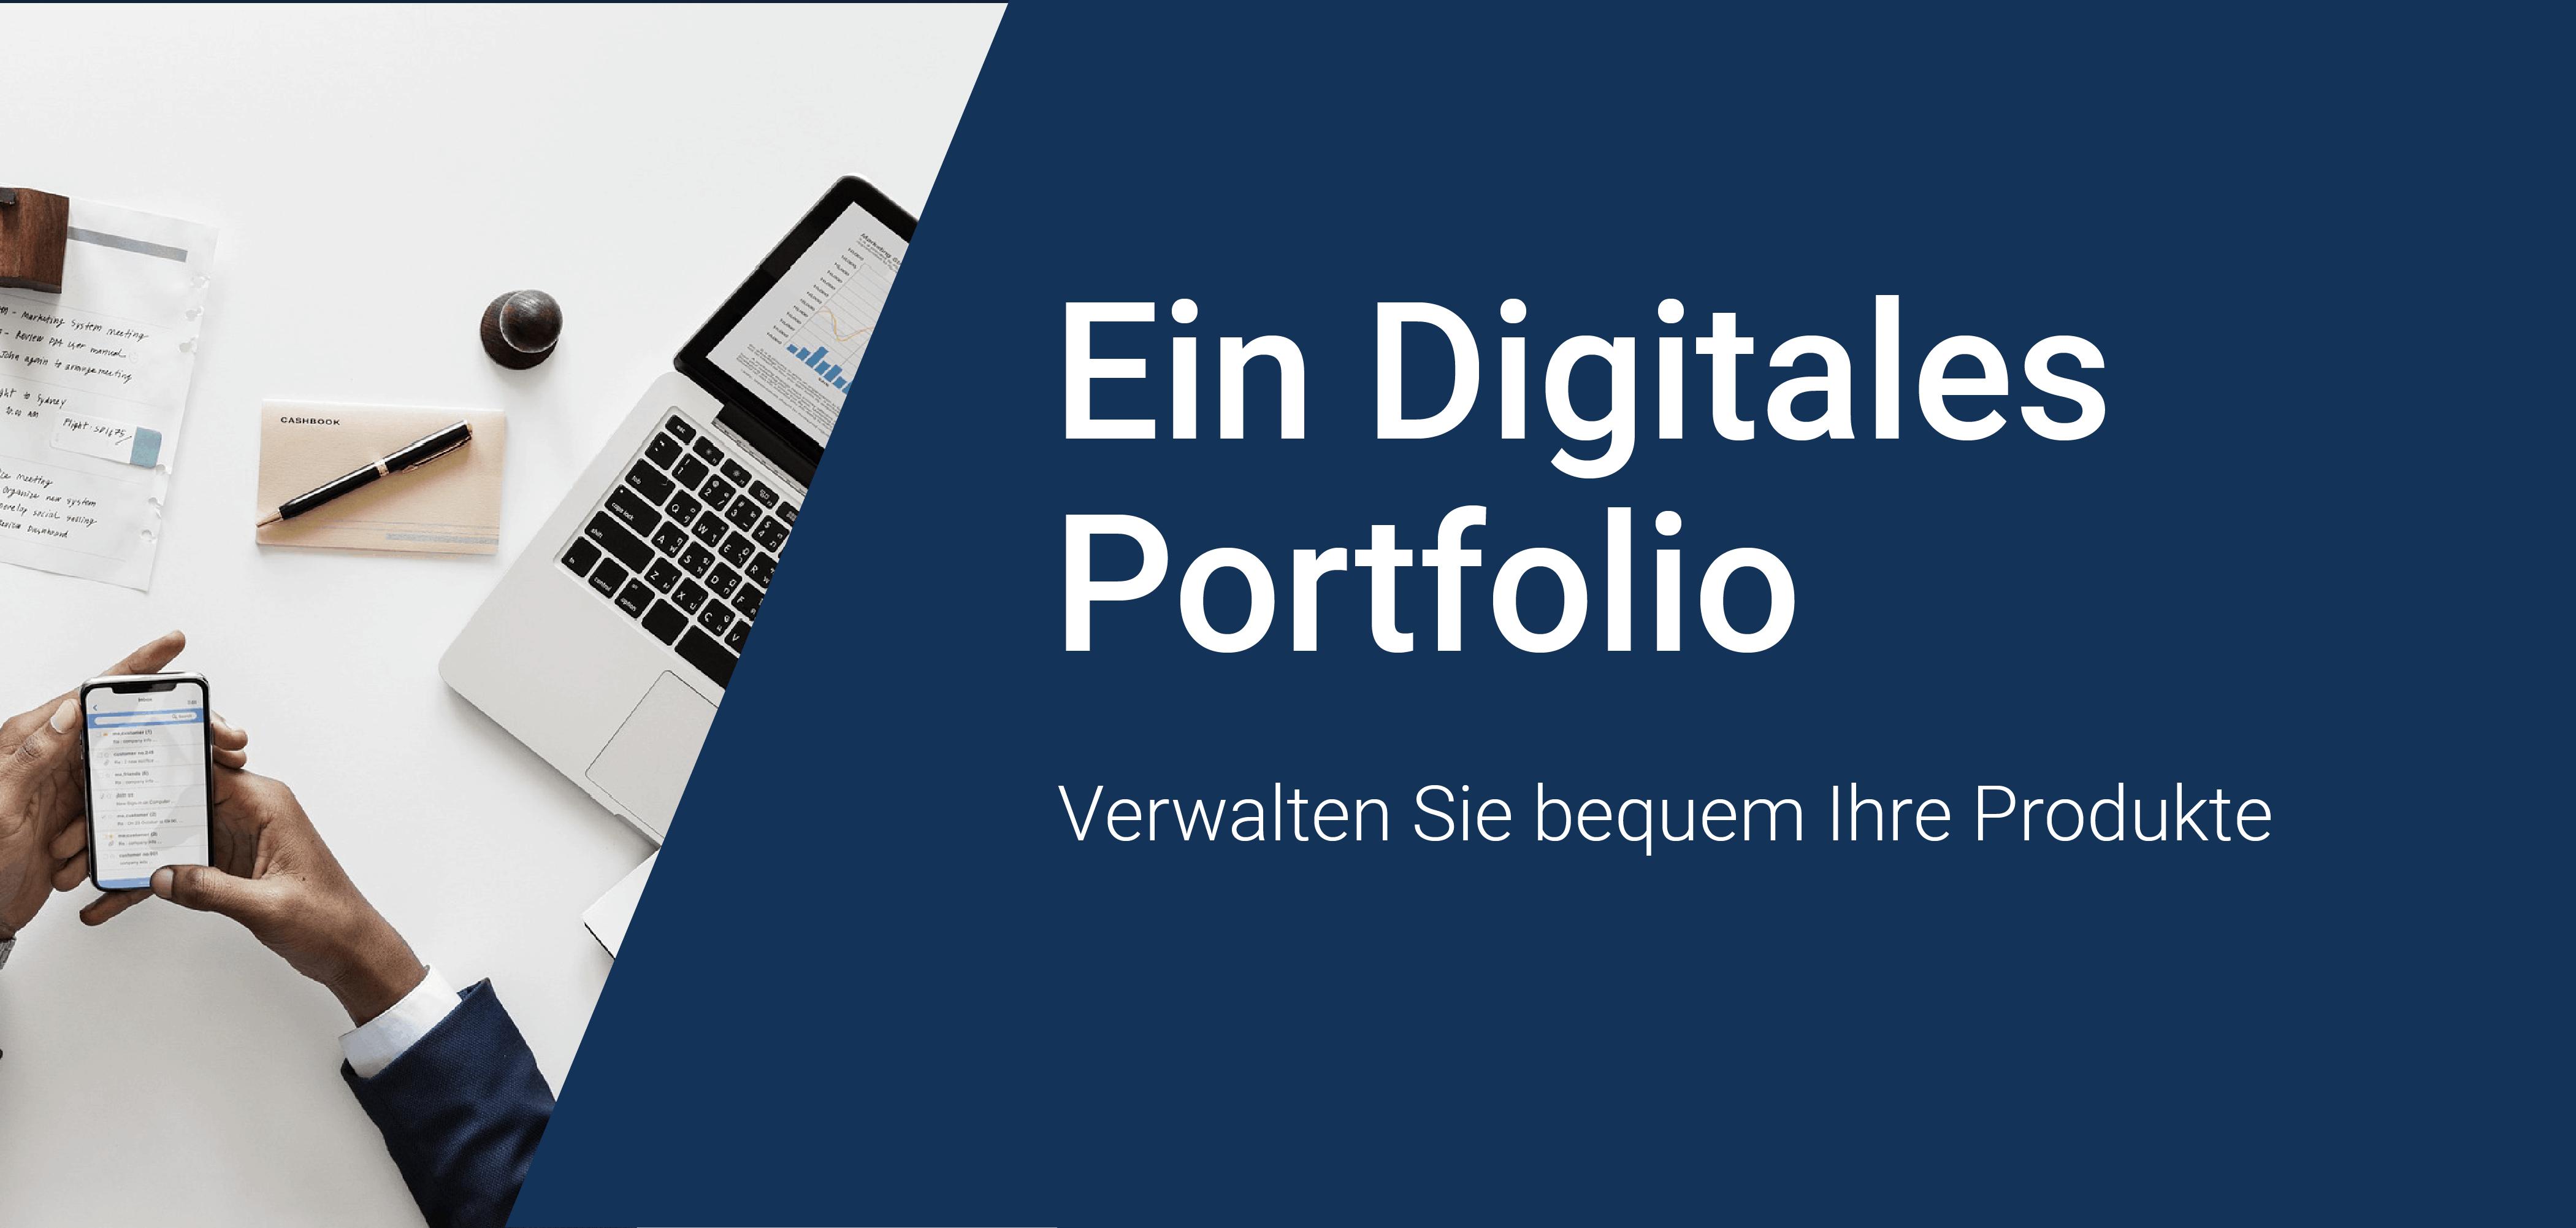 Ein Digitales Portfolio